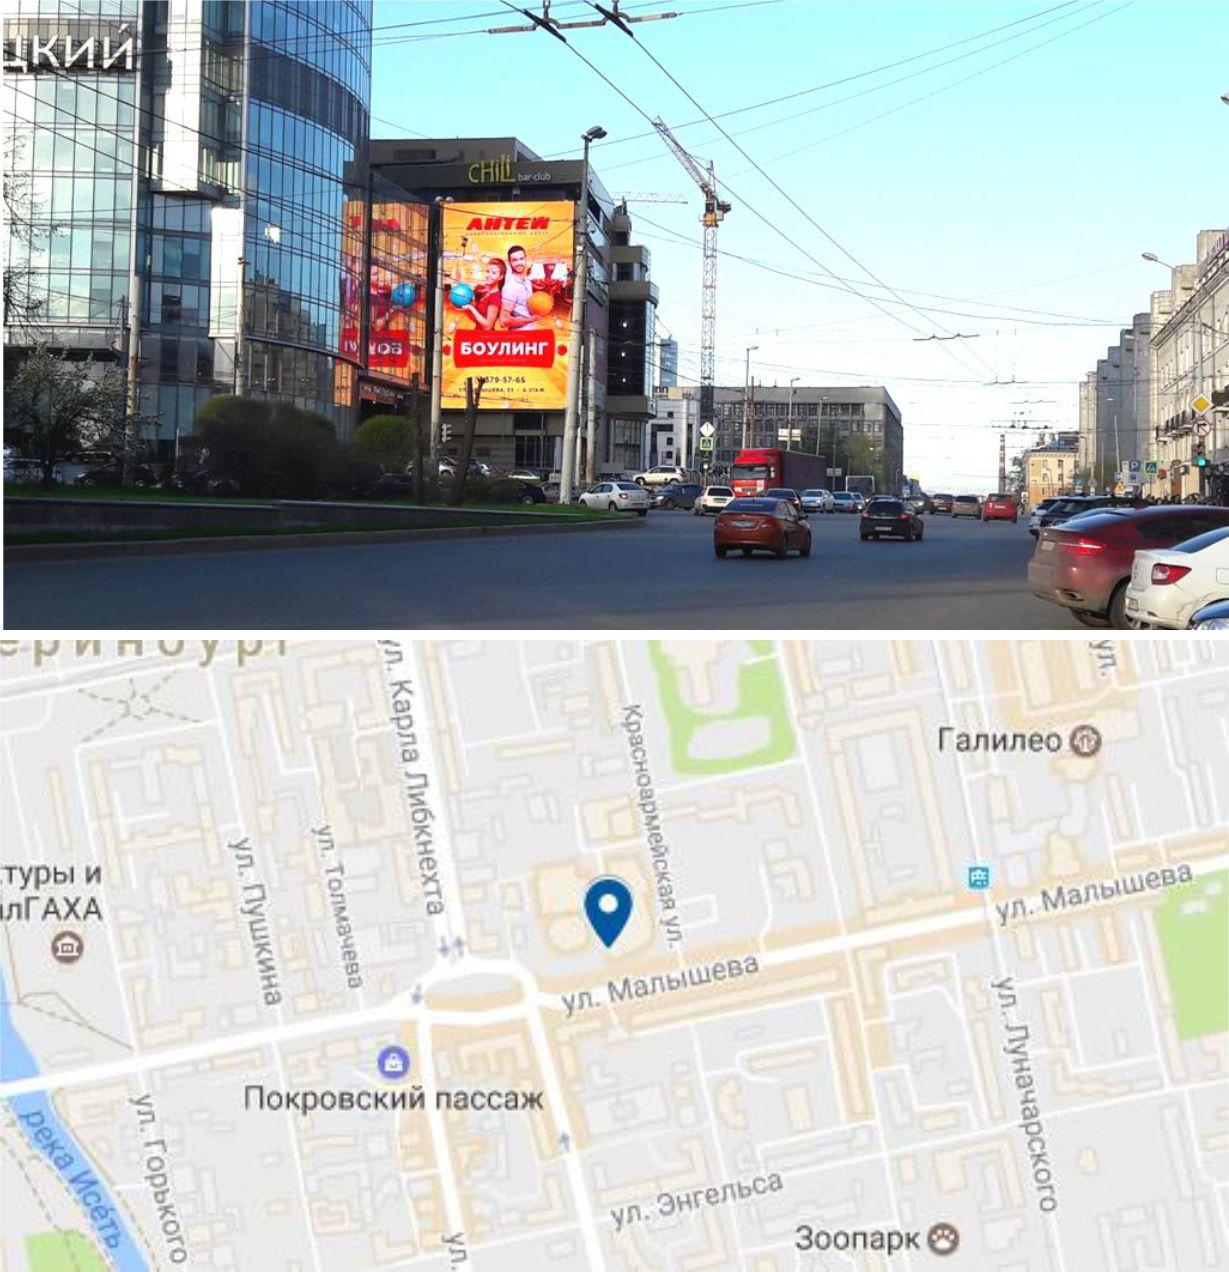 Реклама на медиафасаде уличном экране в Екатеринбурге